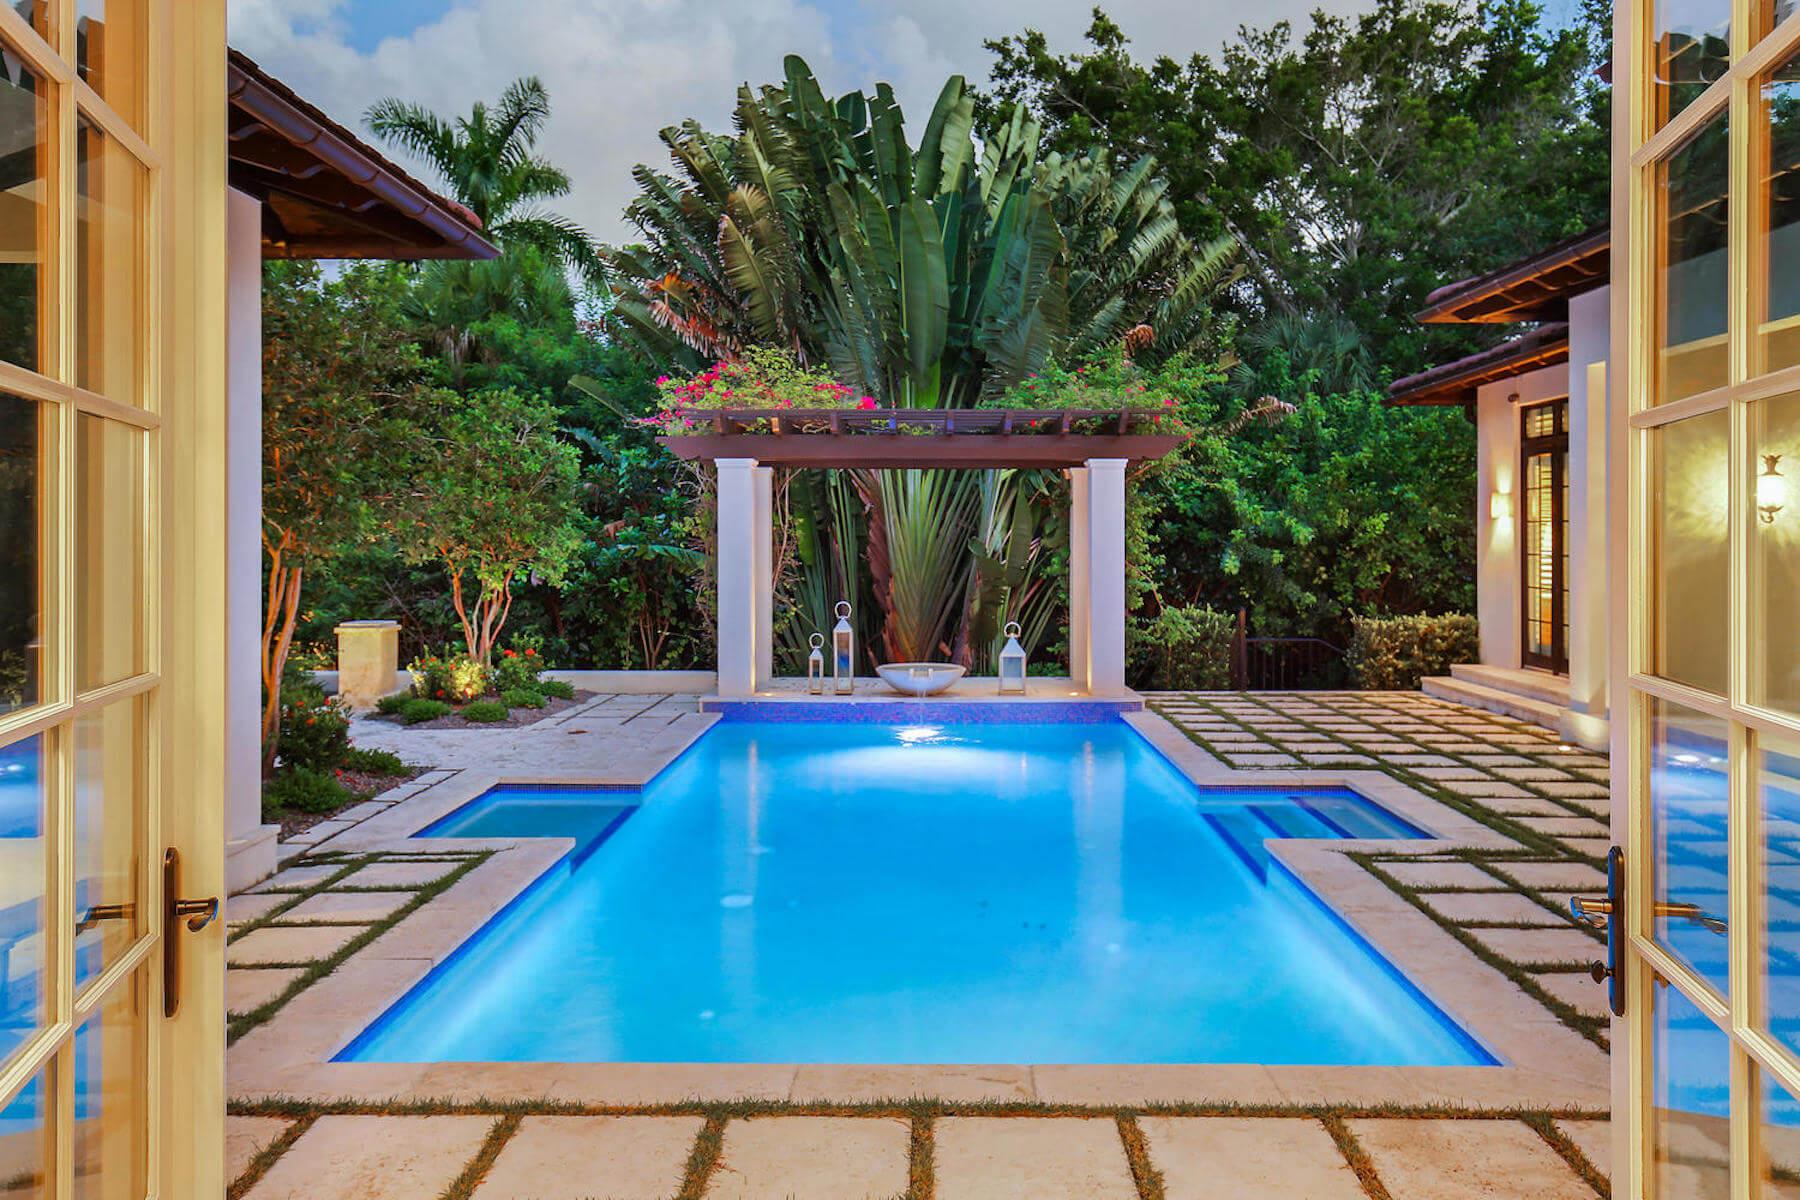 Pools & Porches